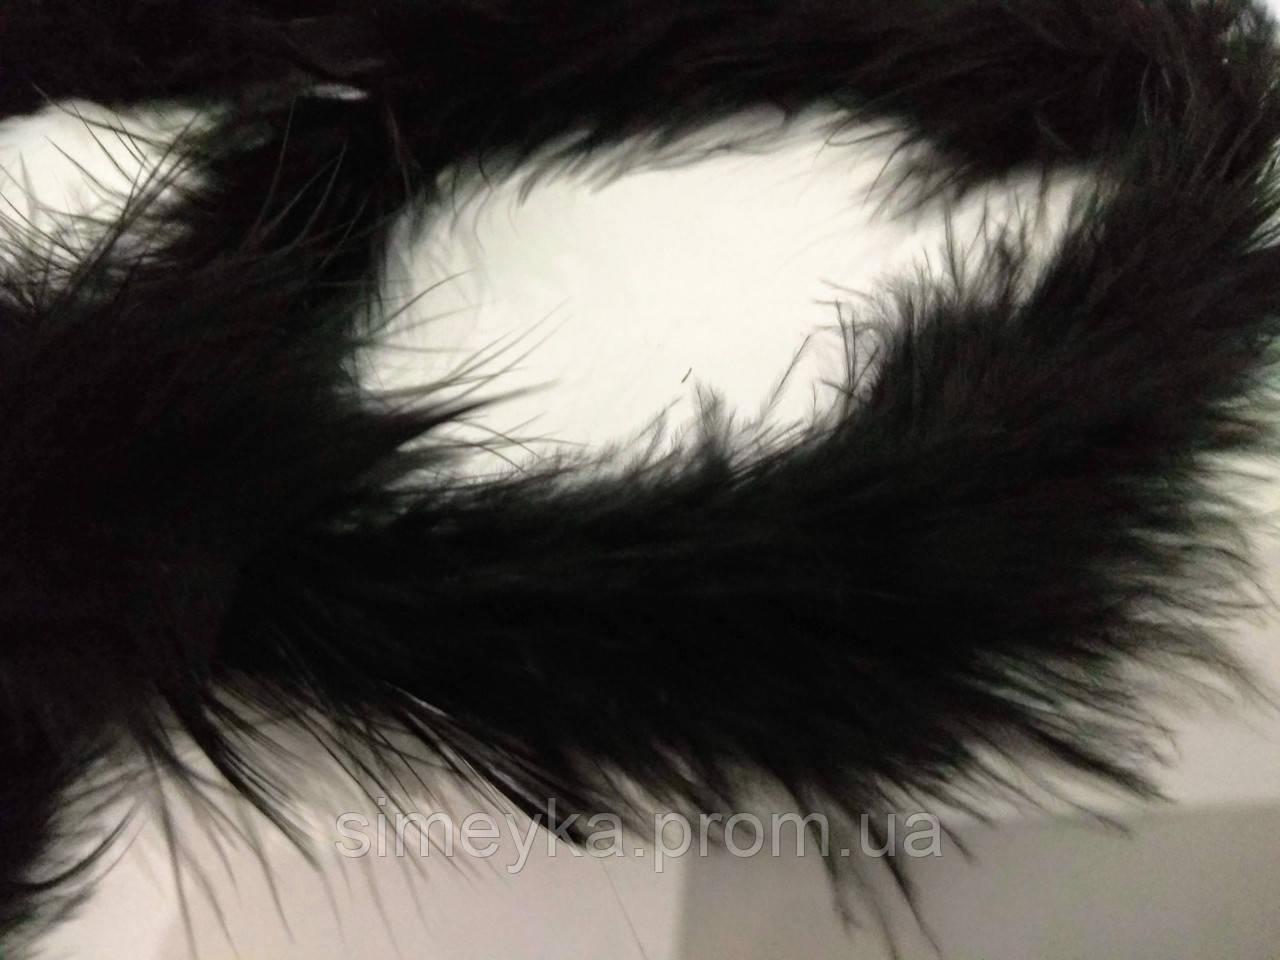 Тесьма из пуха для декора карнавальных костюмов, длина ок. 2 м. Чёрная